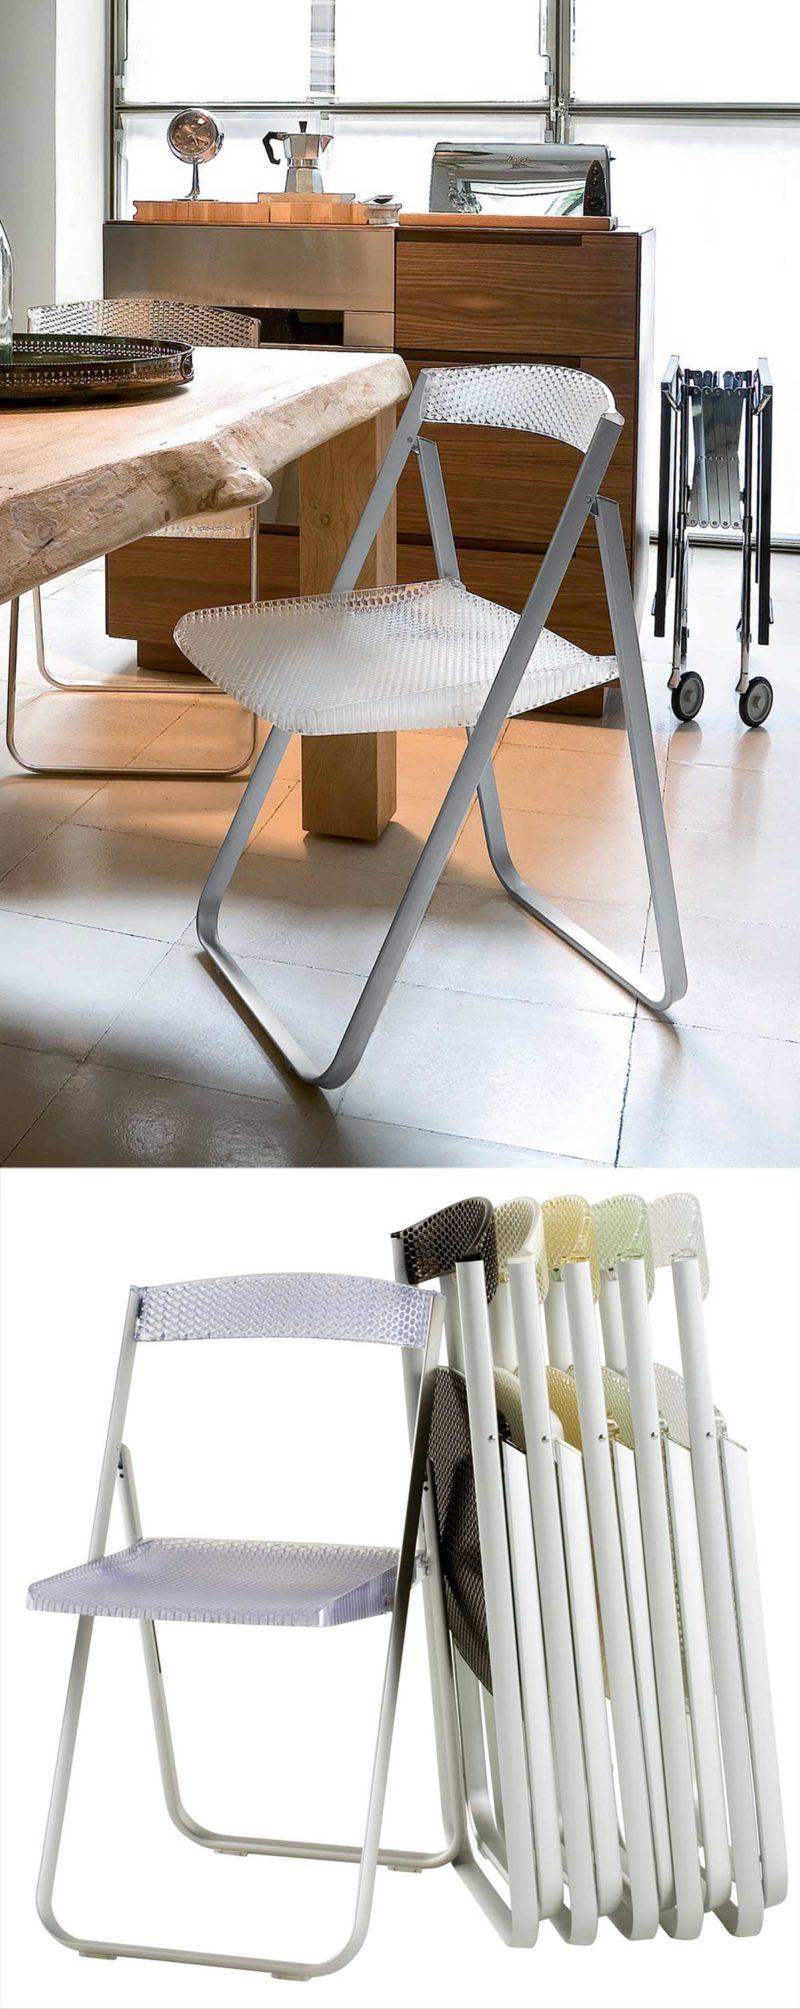 Chaise pliante d'intérieur en plastique et métal par Kartell